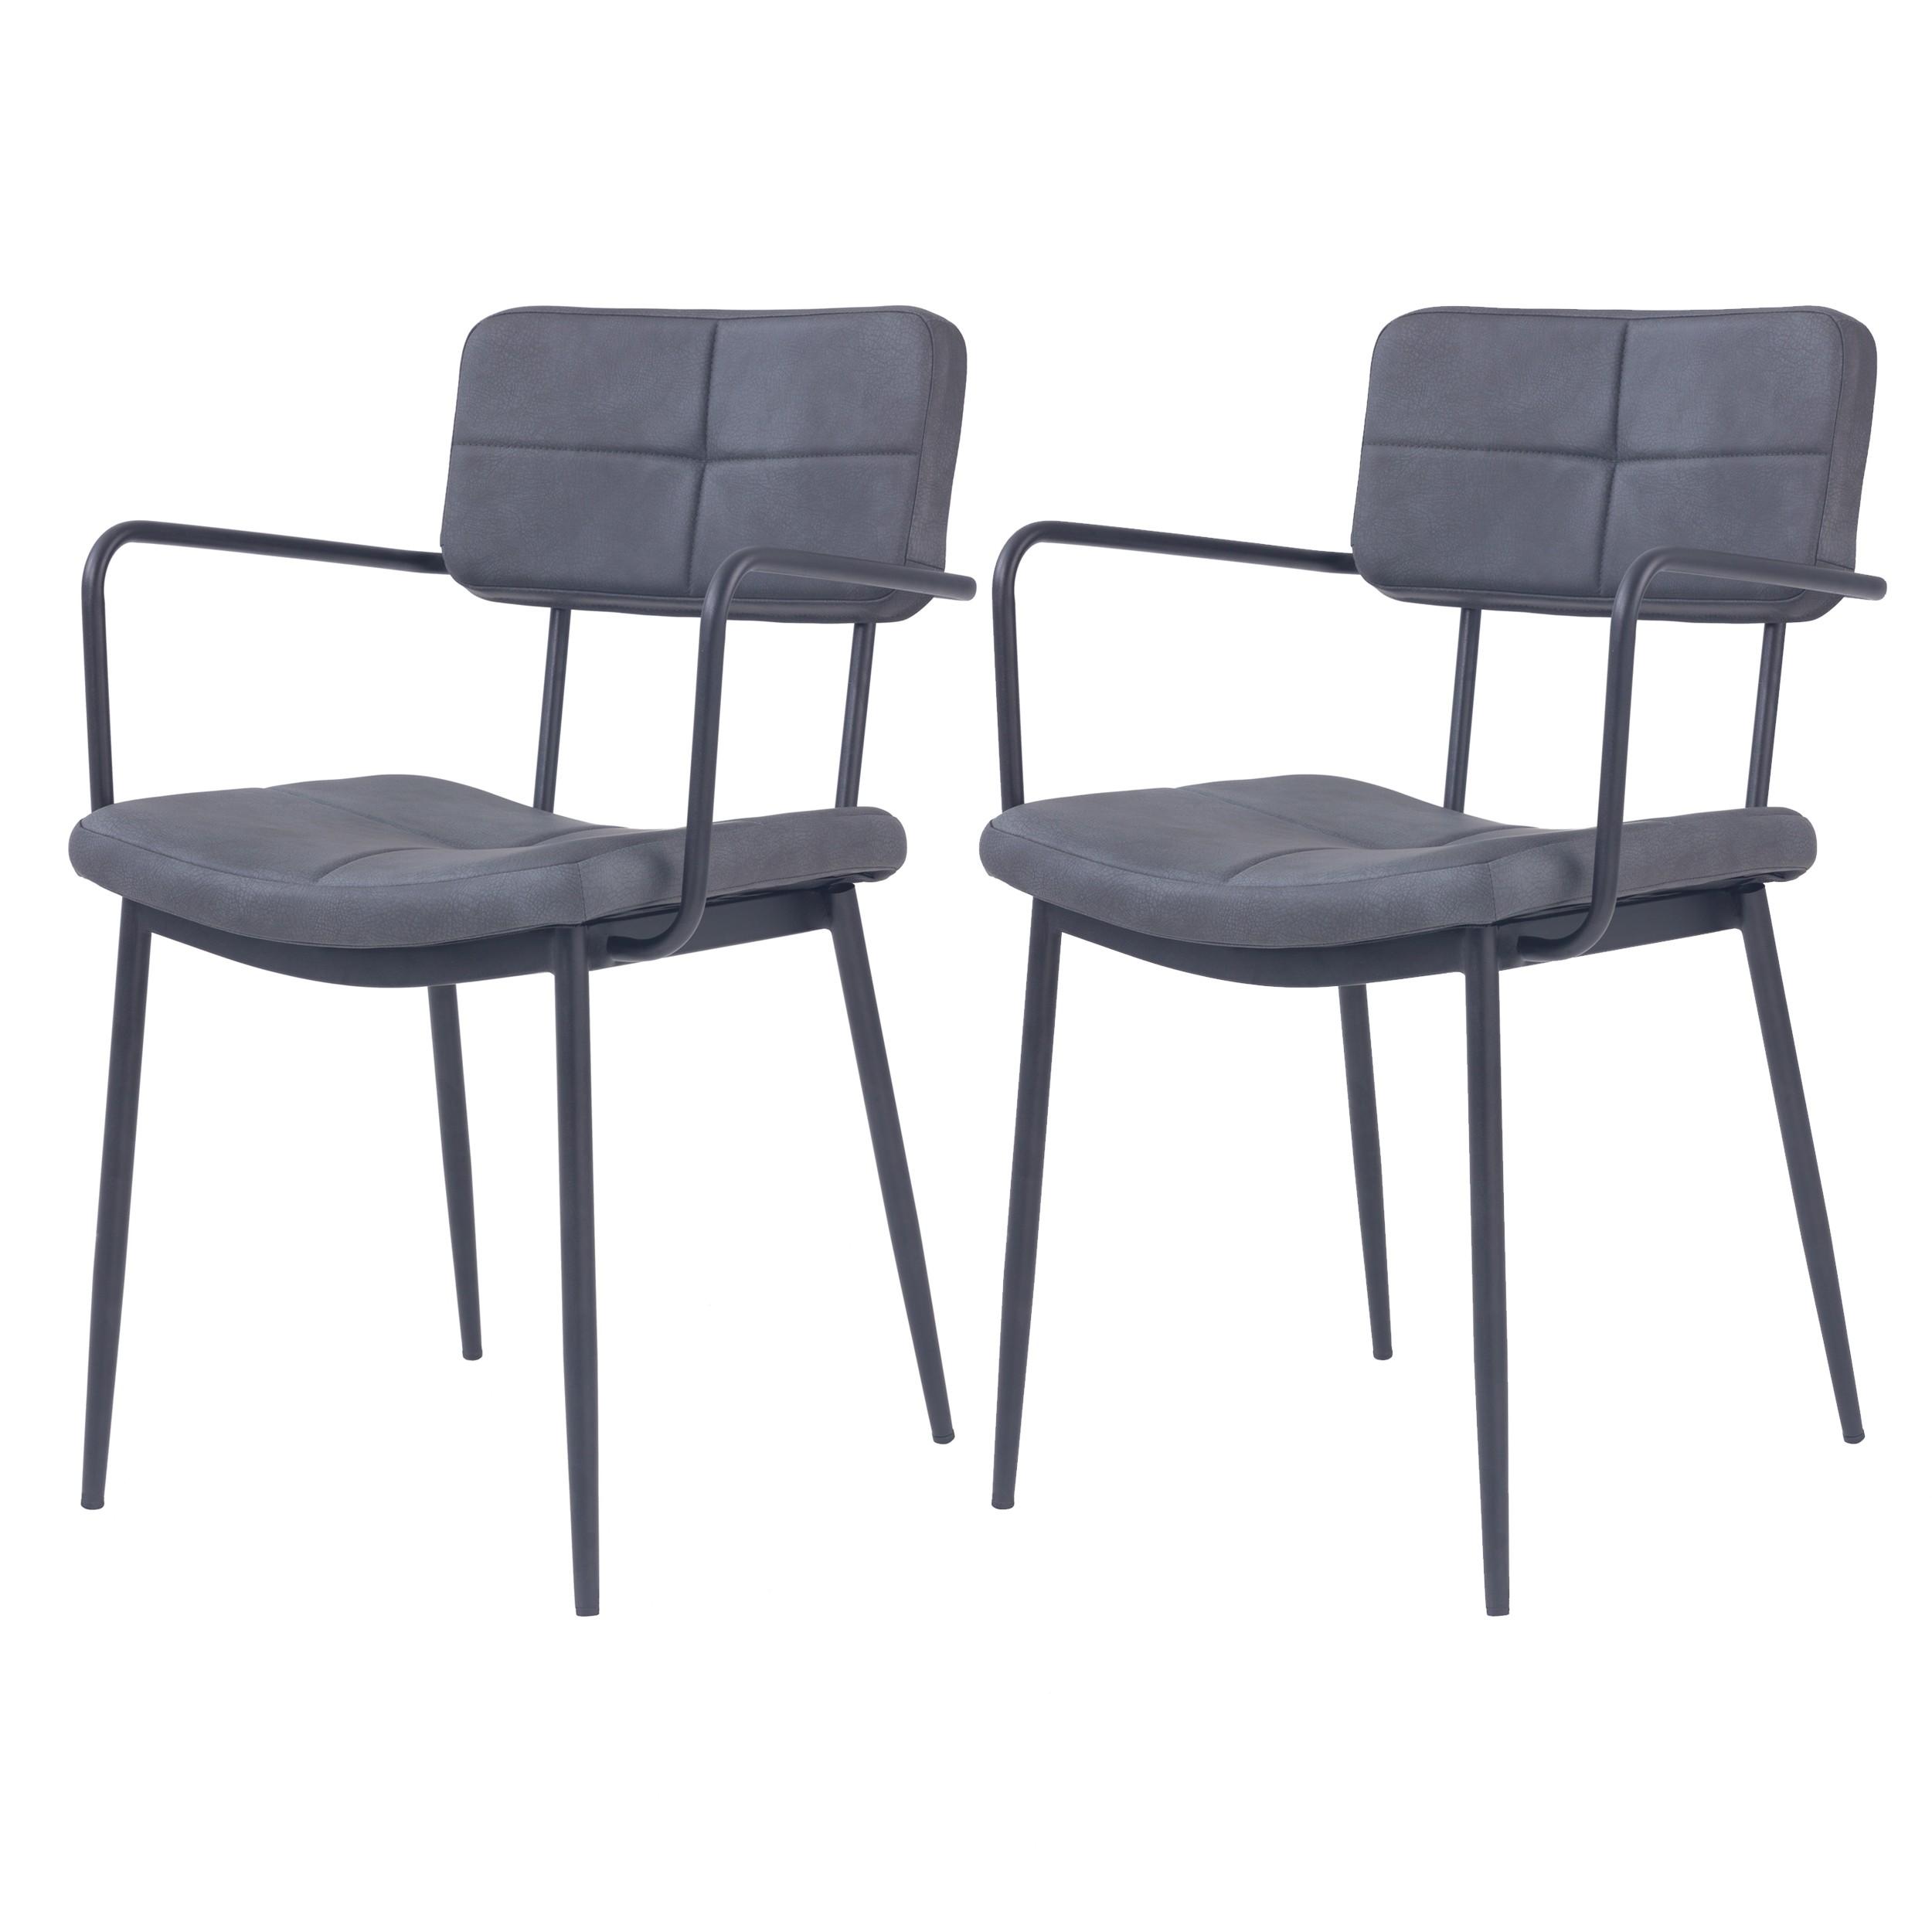 chaise noire igor avec accoudoirs lot de 2